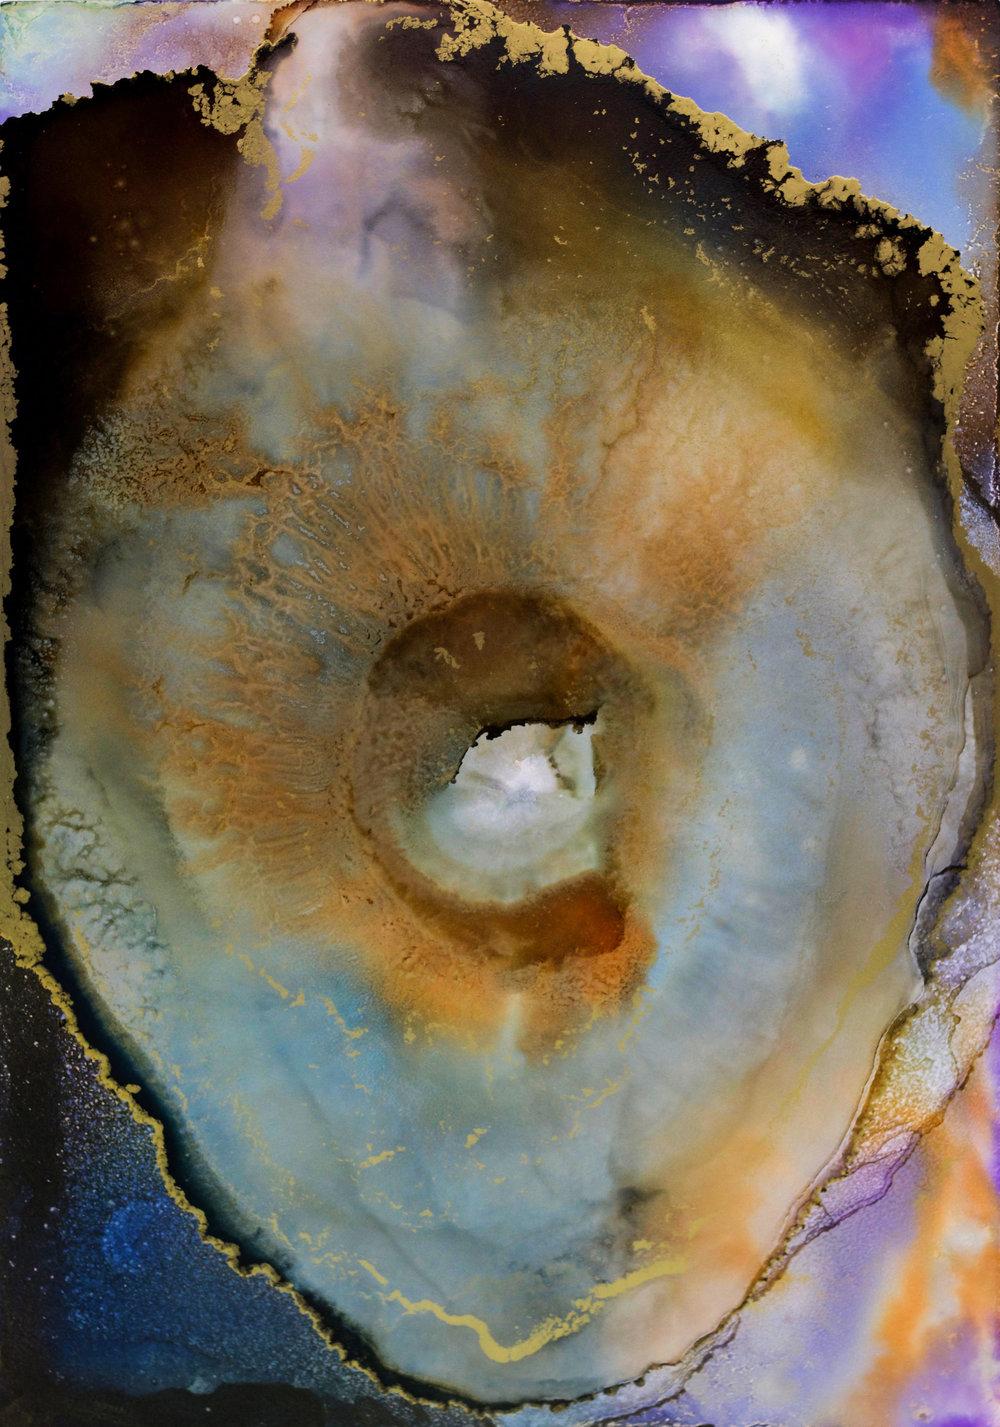 Nebula-Geode 24x36 #010317ia